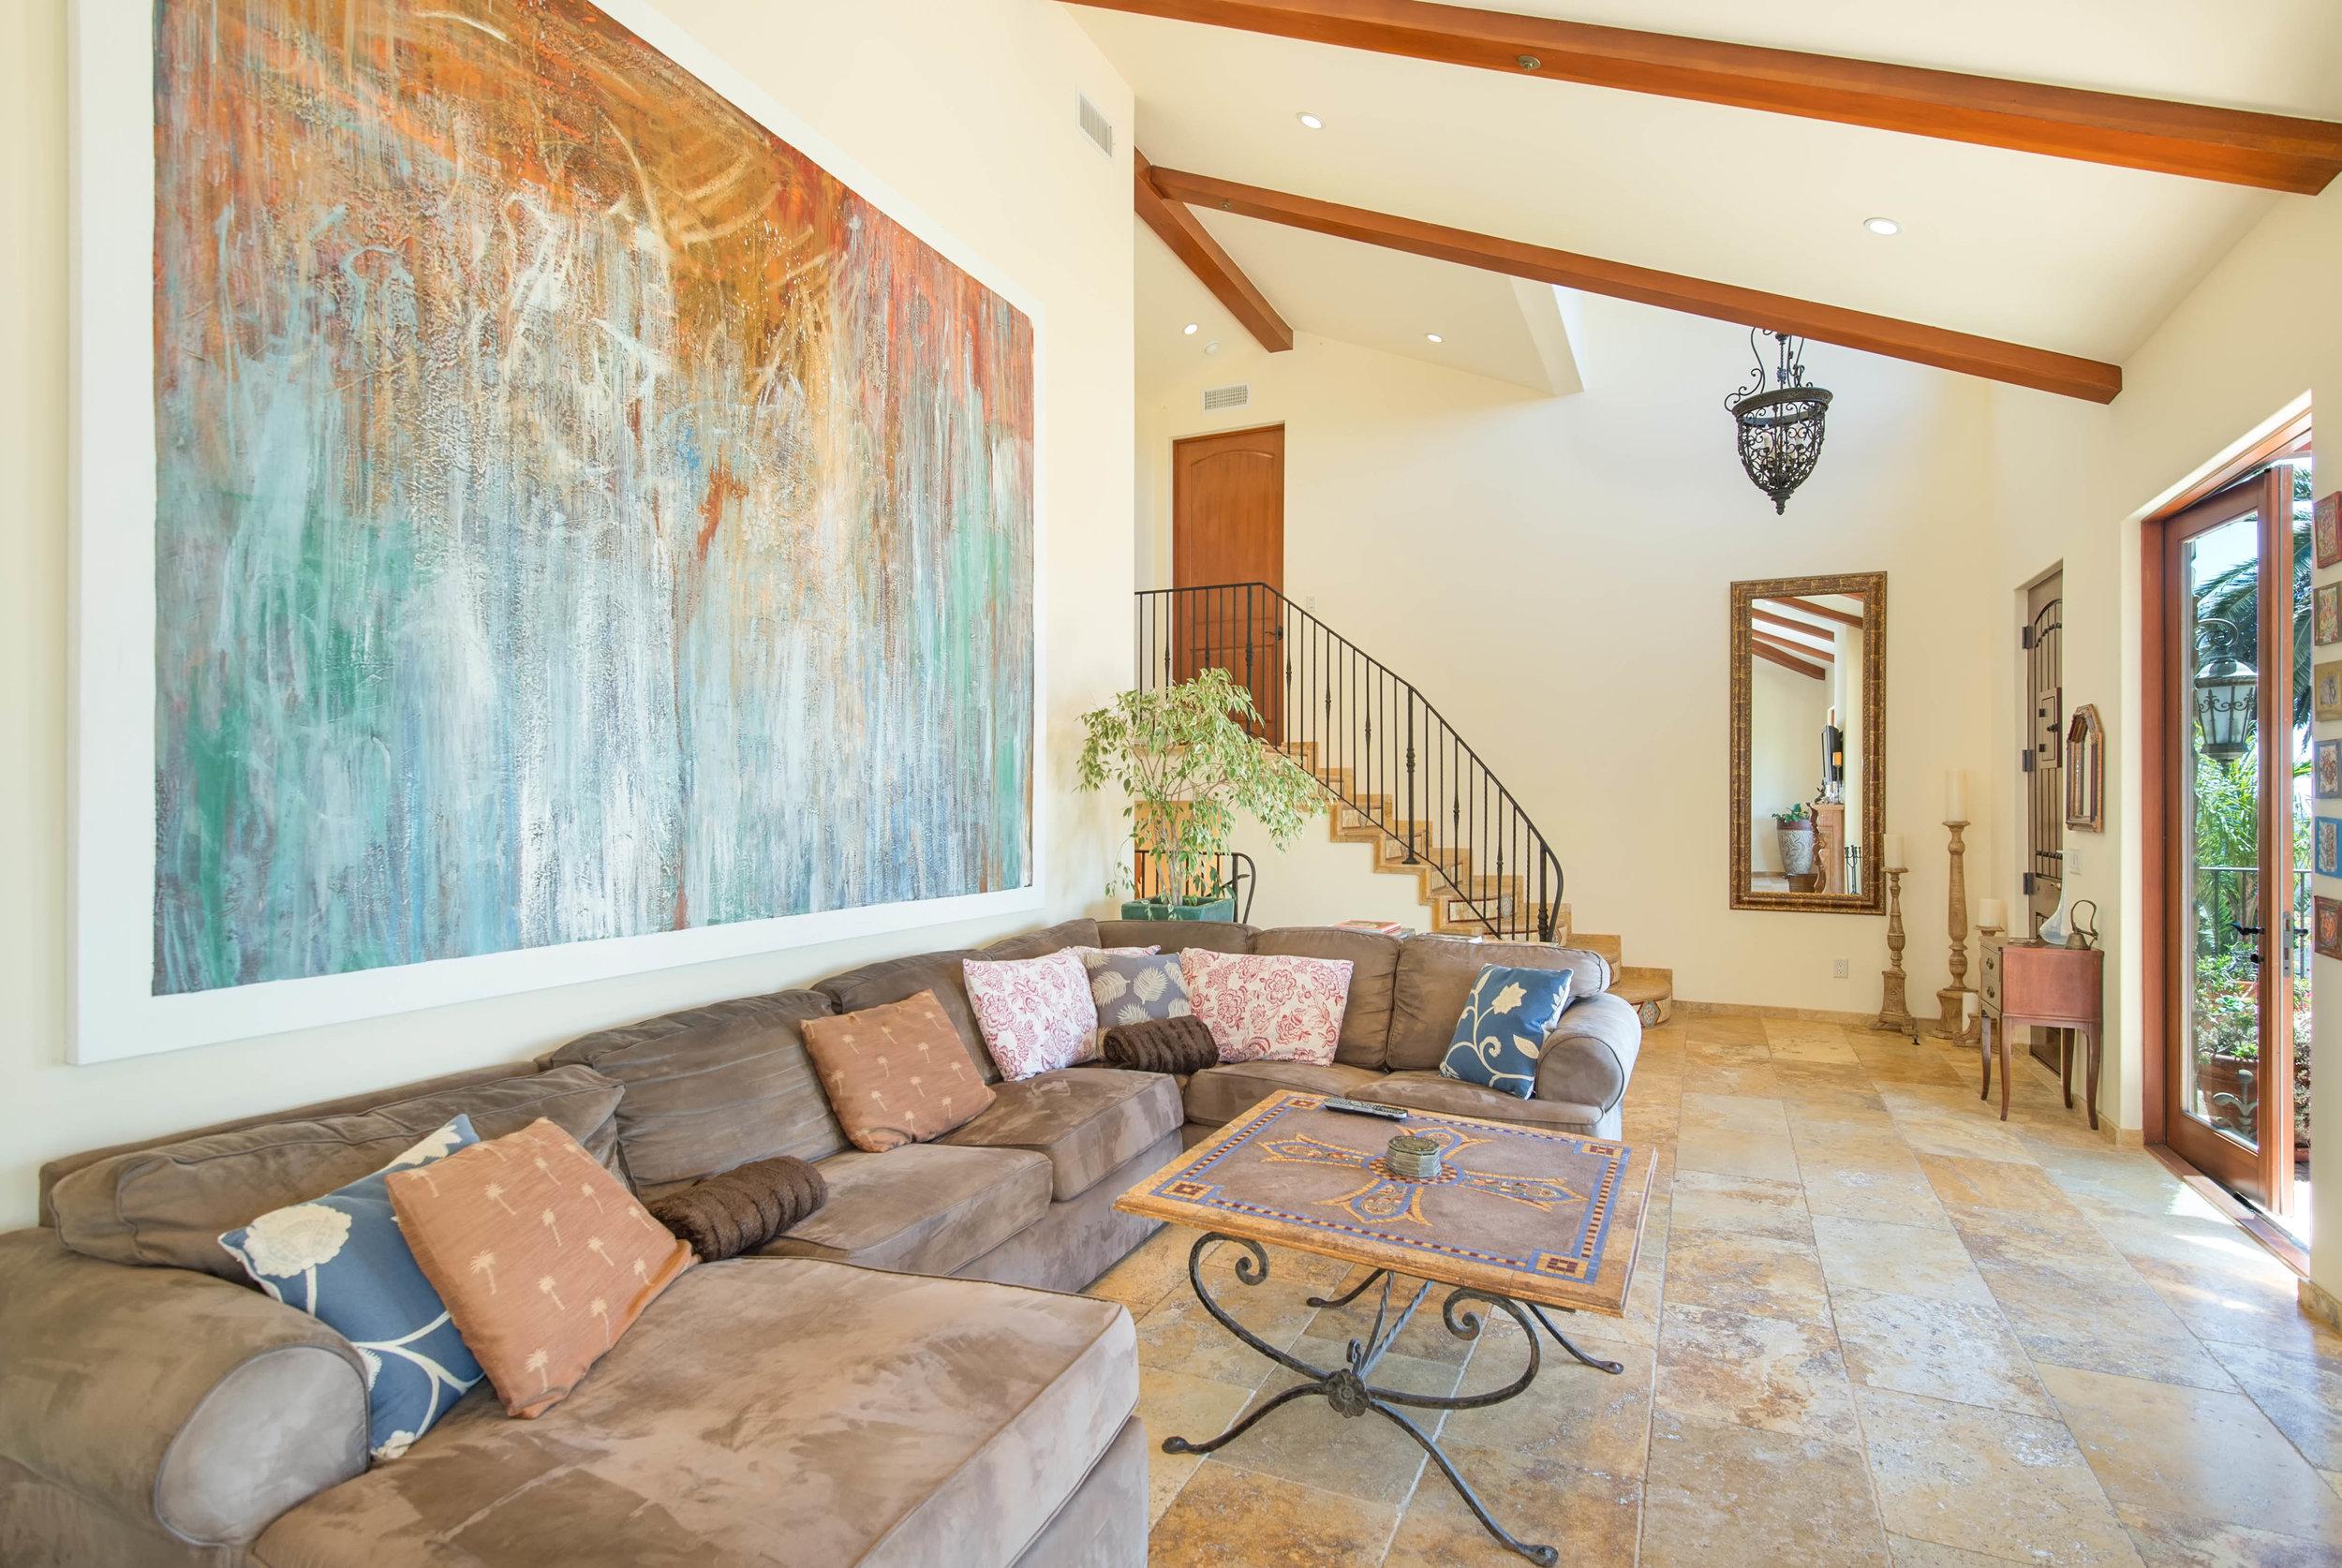 013 Living Room 26303 Lockwood Road Malibu For Sale Lease The Malibu Life Team Luxury Real Estate.jpg.jpg